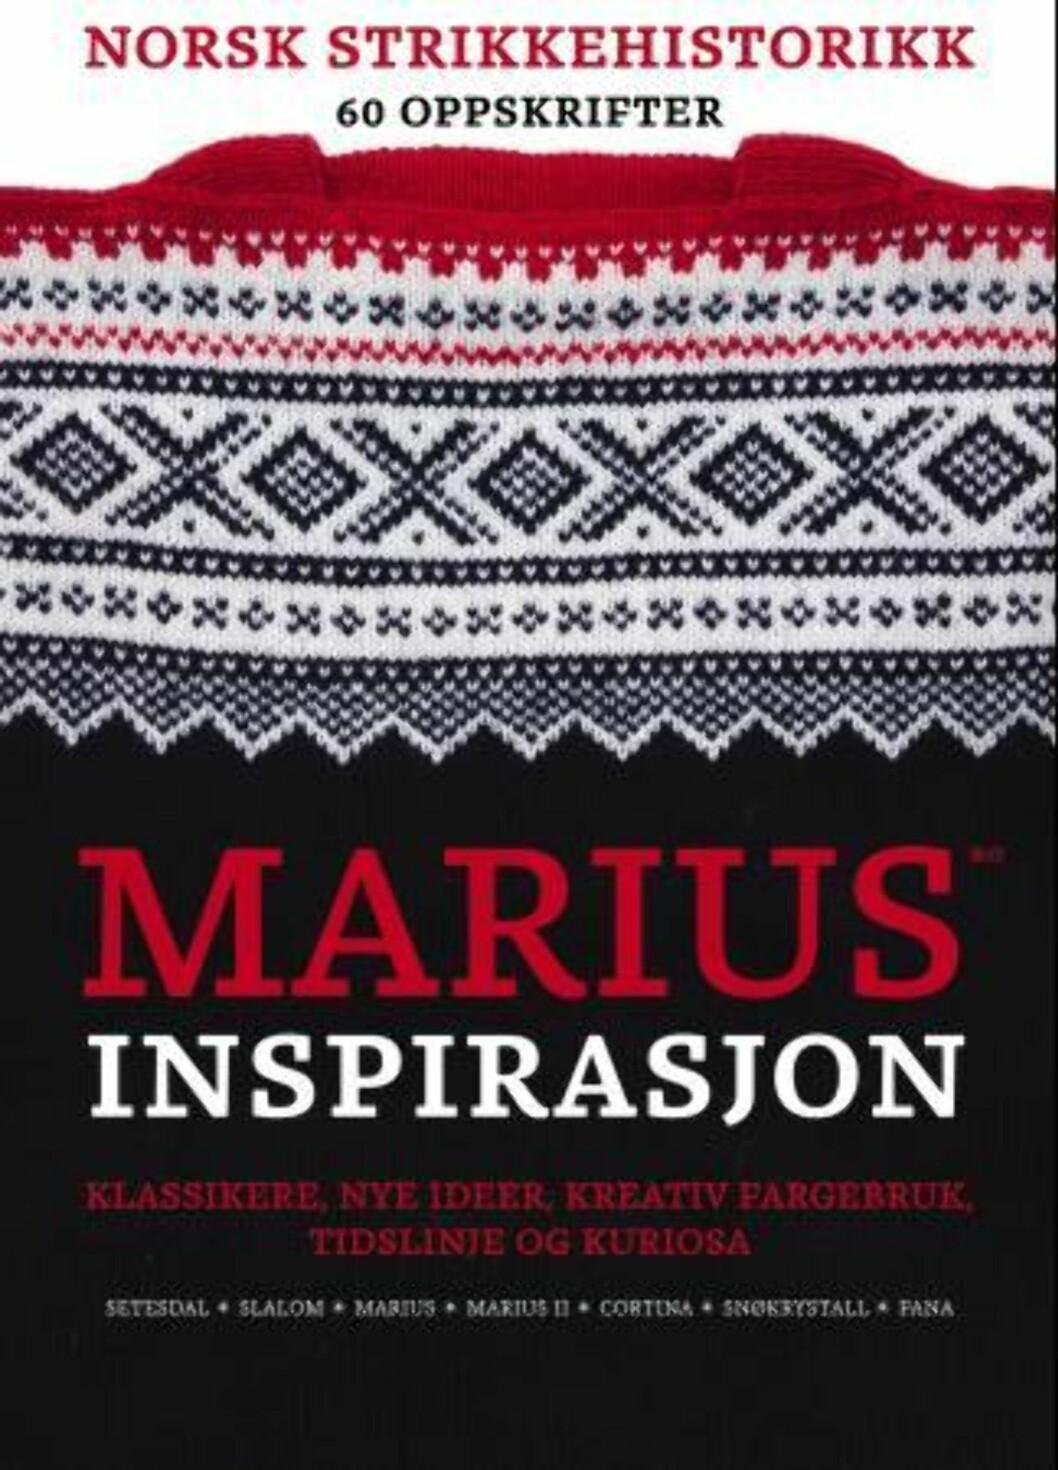 """""""Marius inspirasjon"""" av Vigdis Augusta Yran Dale, kroner 179 på Ark.no.  Foto: Produsenten"""